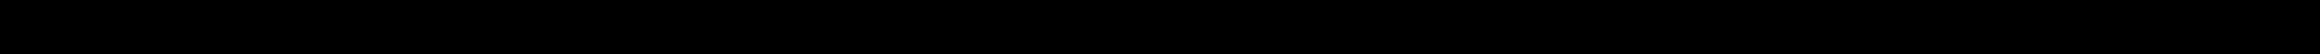 JP GROUP 1K0955455, 357955455, 8D0955455 Vāciņs, Ūdens rezervuārs